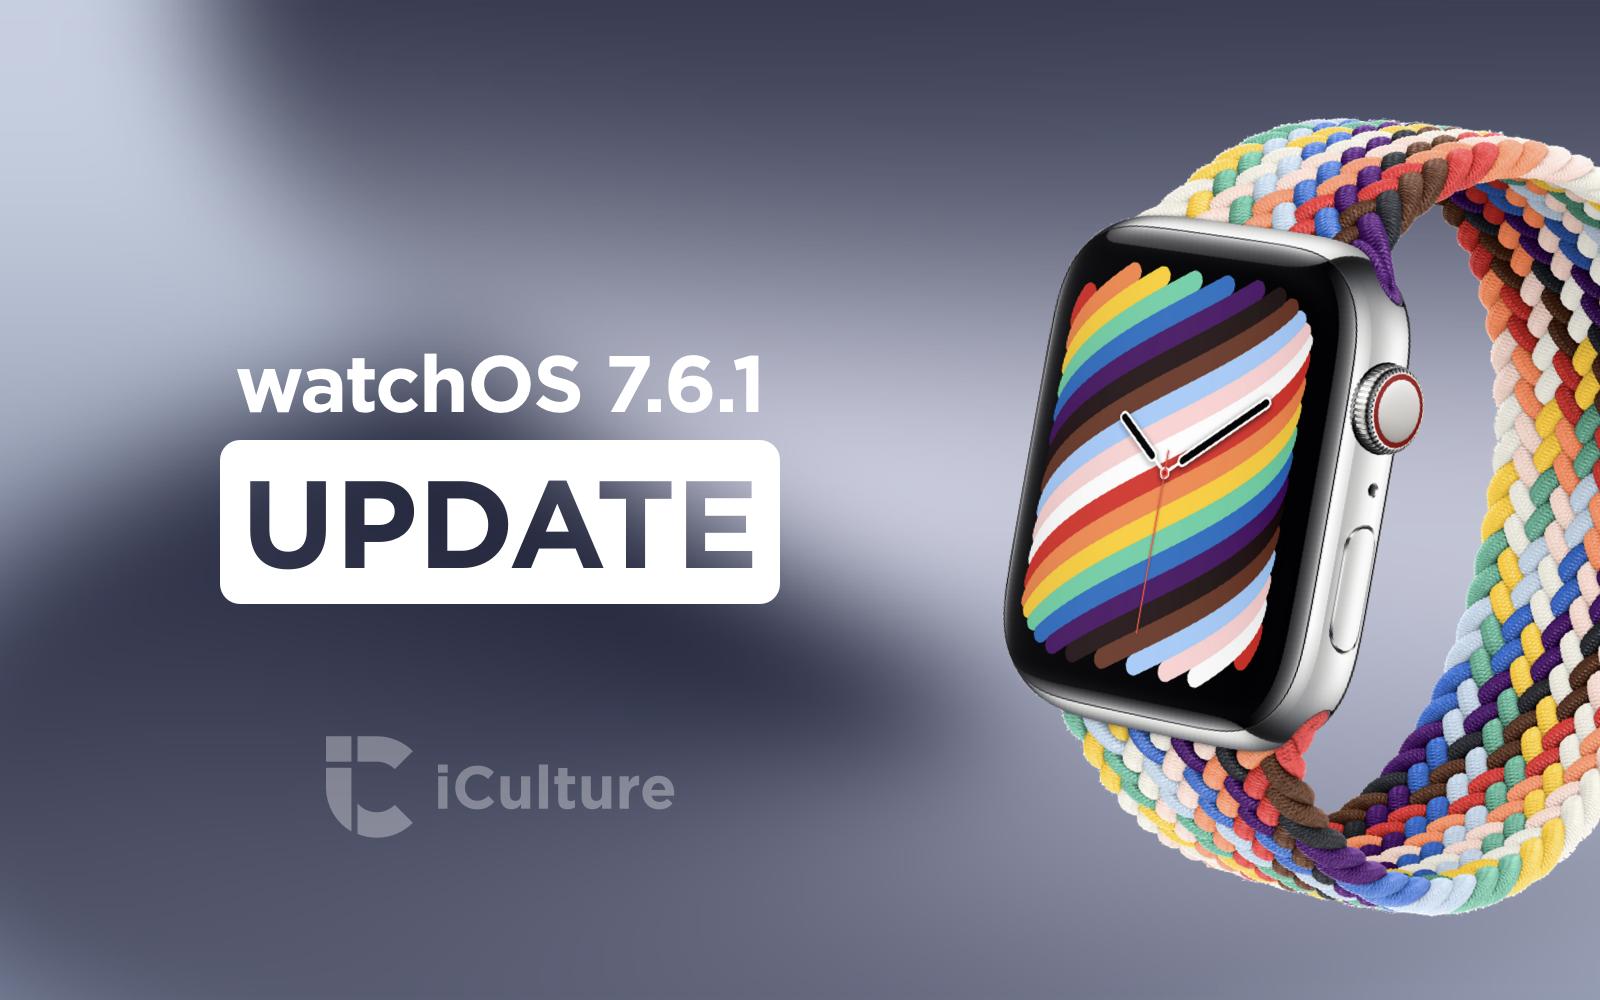 watchOS 7.6.1 update.